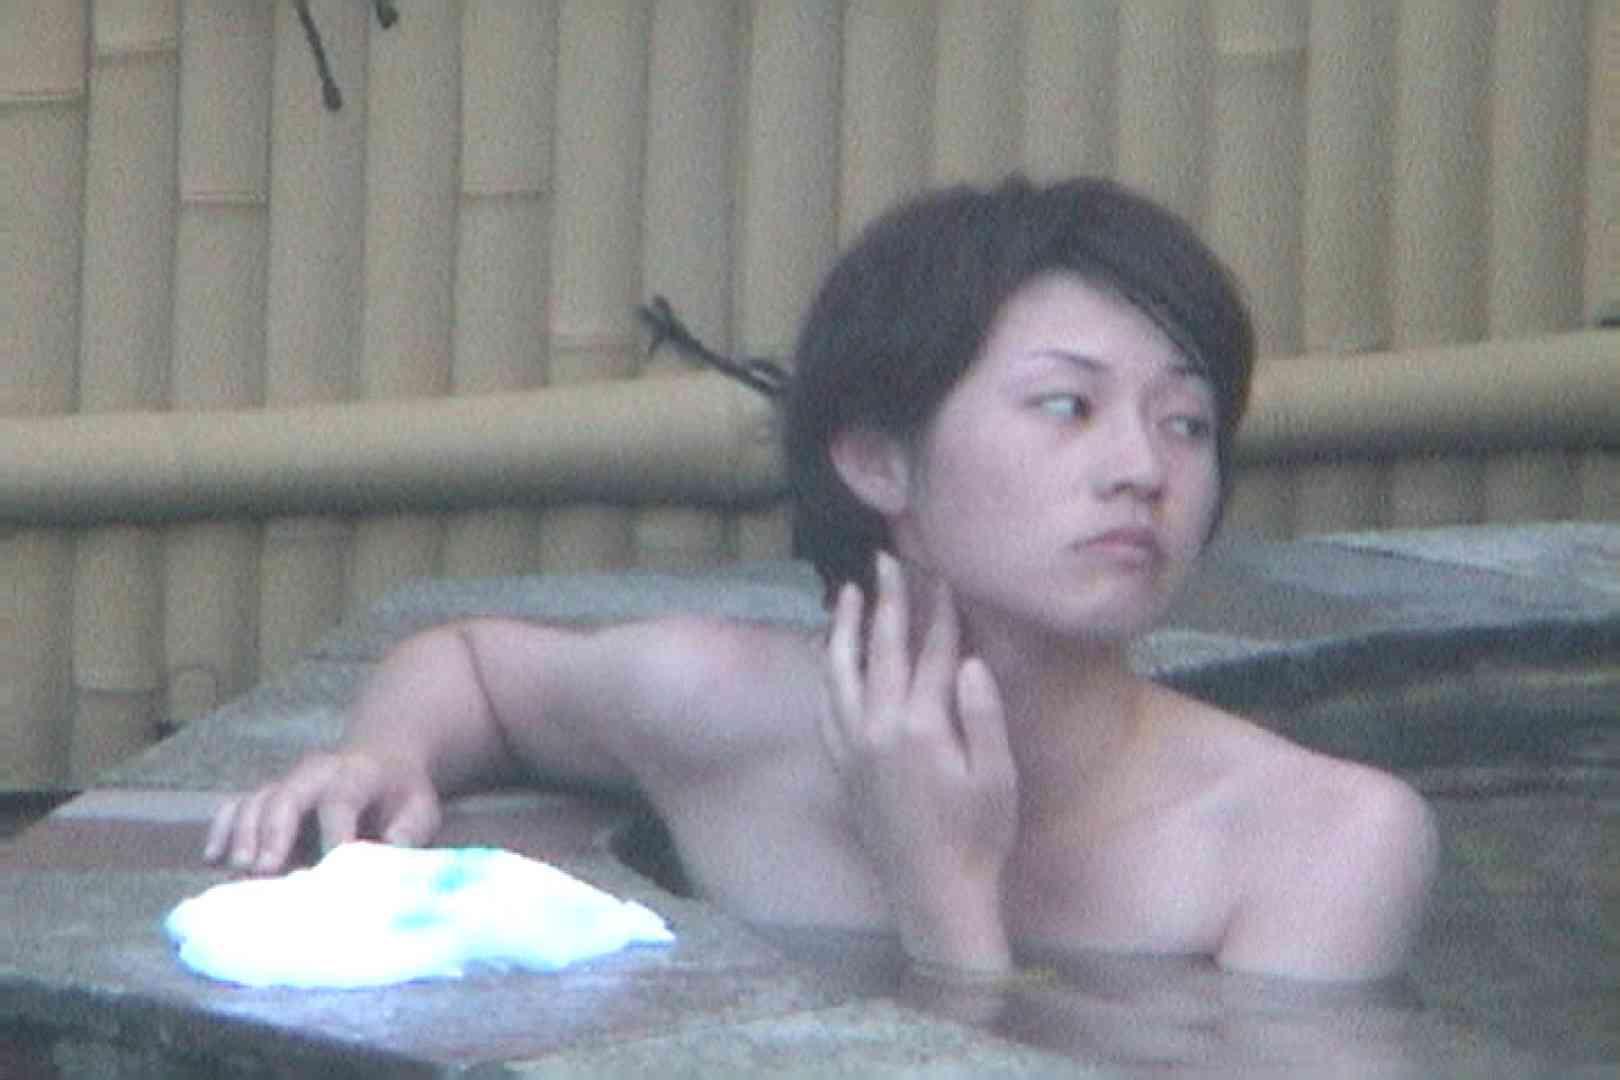 Aquaな露天風呂Vol.100【VIP限定】 盗撮 | 露天  98pic 93